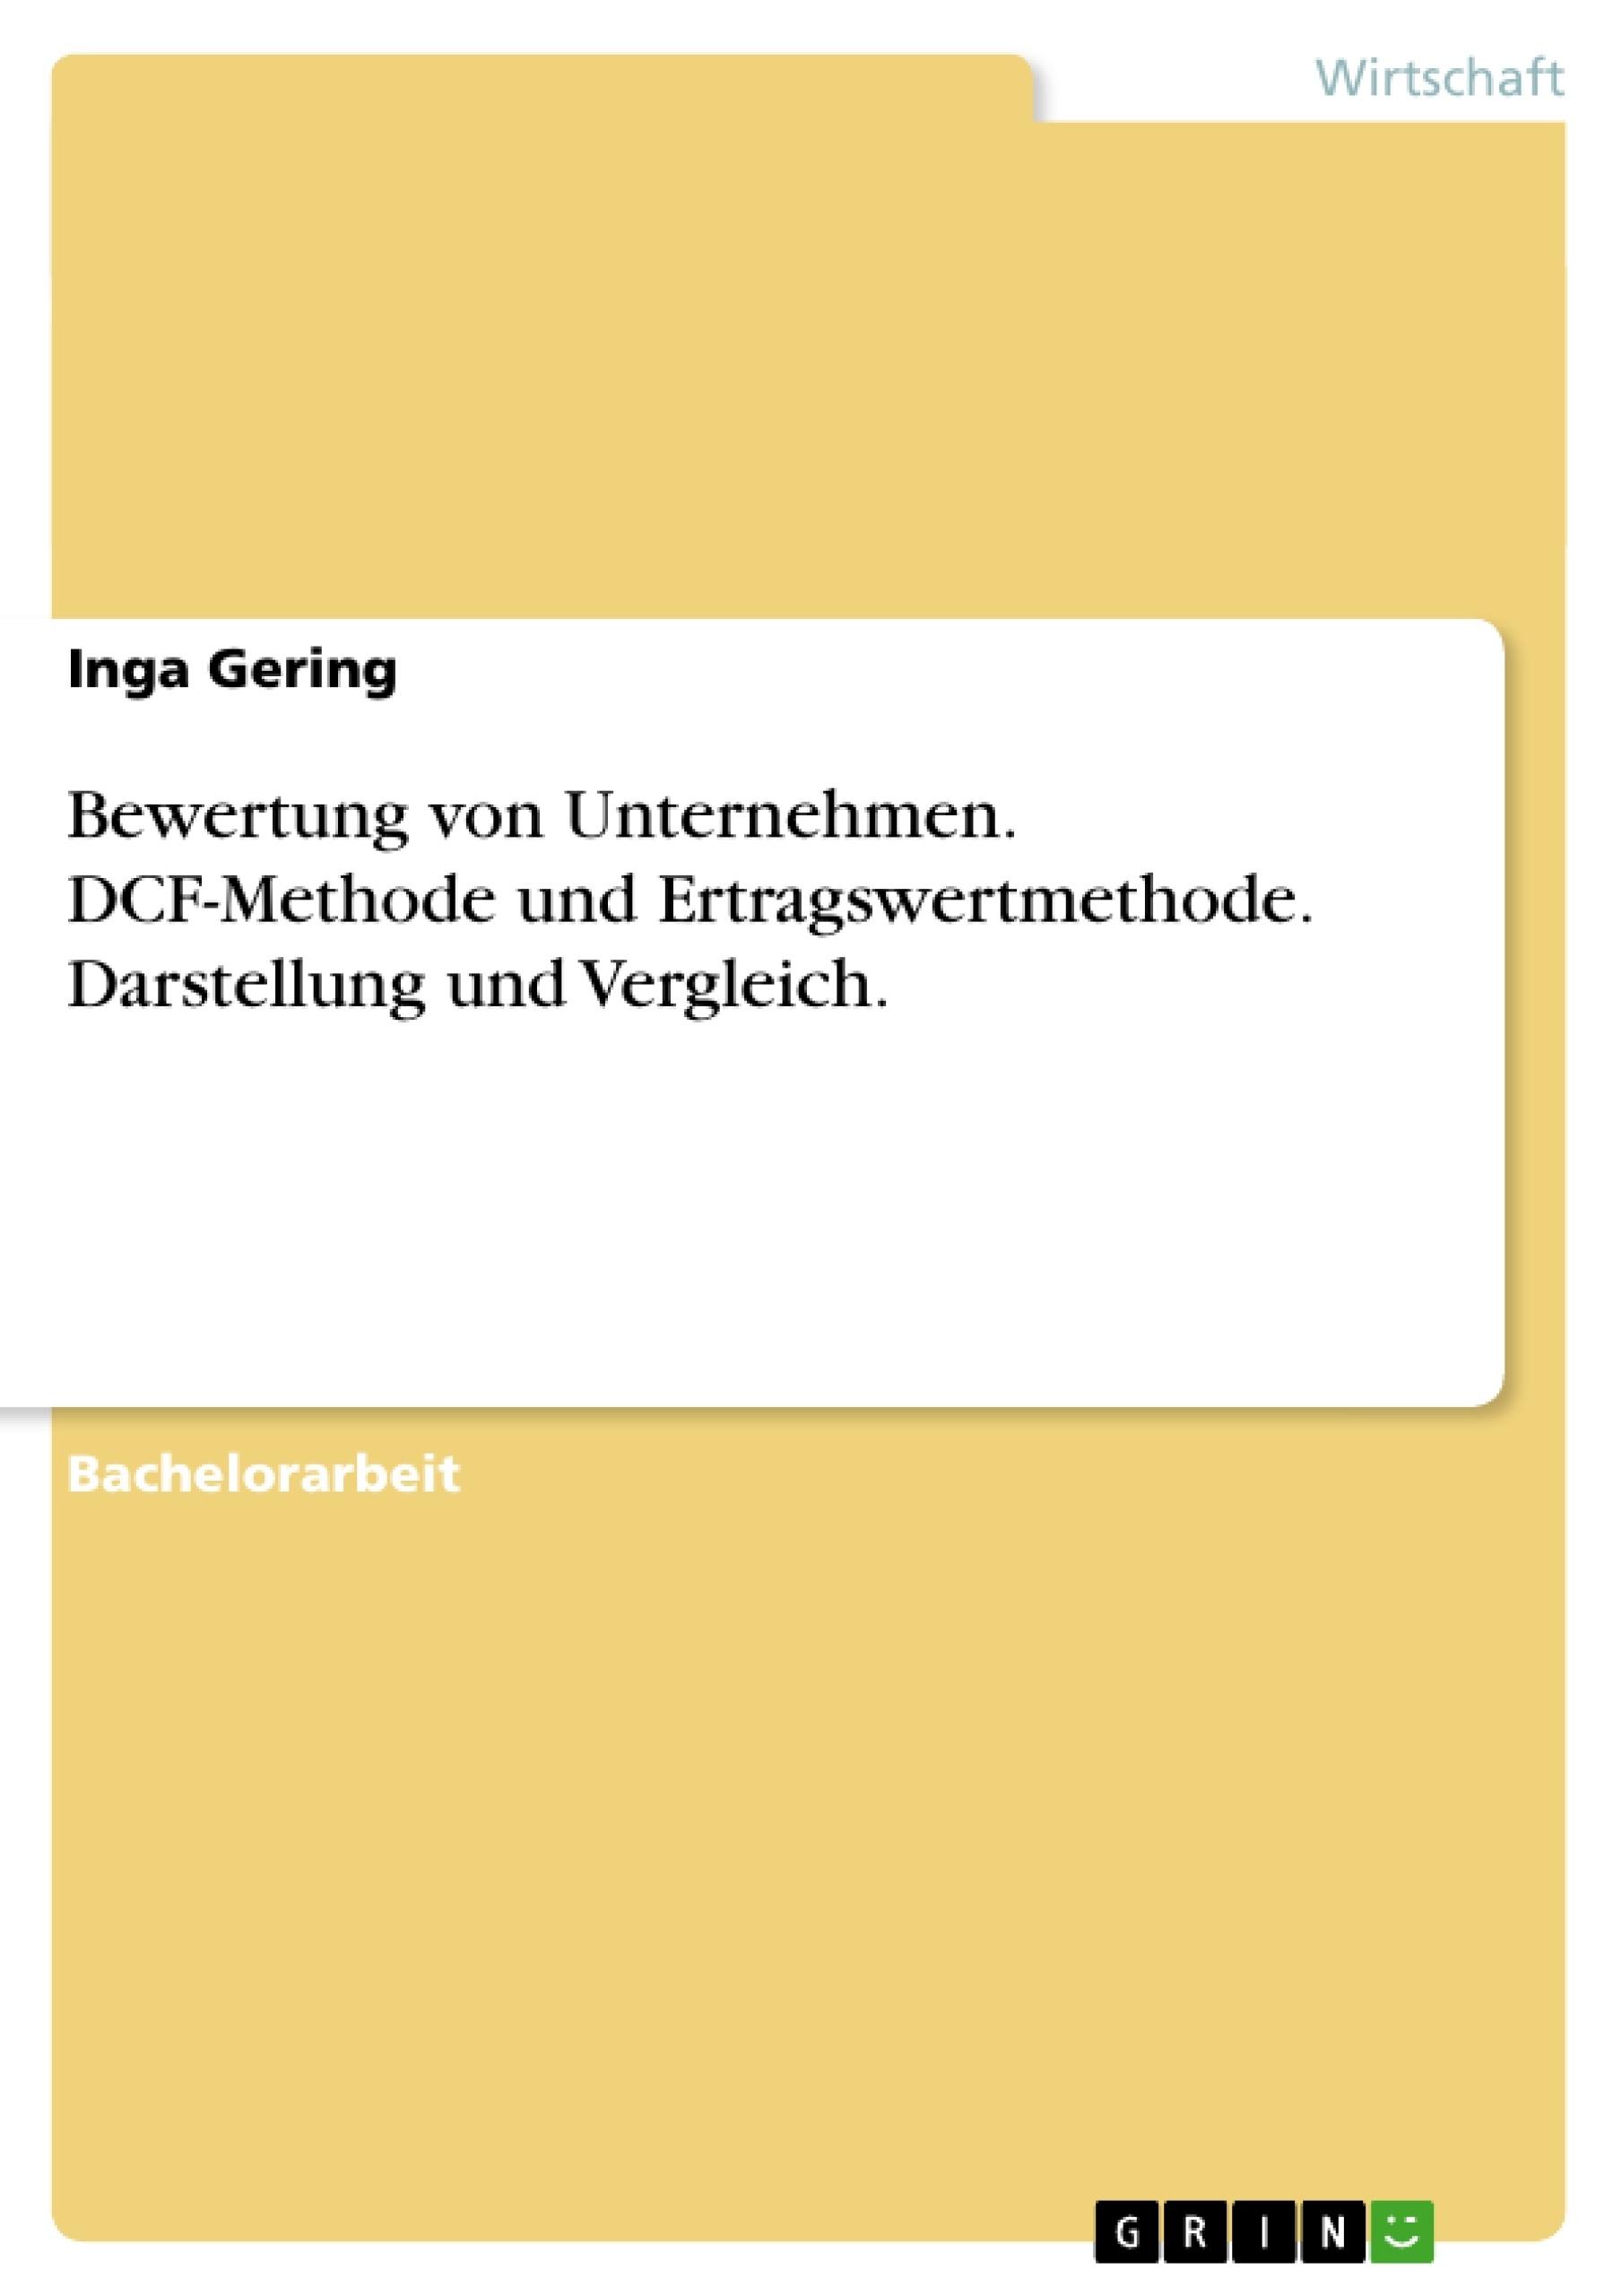 Titel: Bewertung von Unternehmen. DCF-Methode und  Ertragswertmethode. Darstellung und Vergleich.